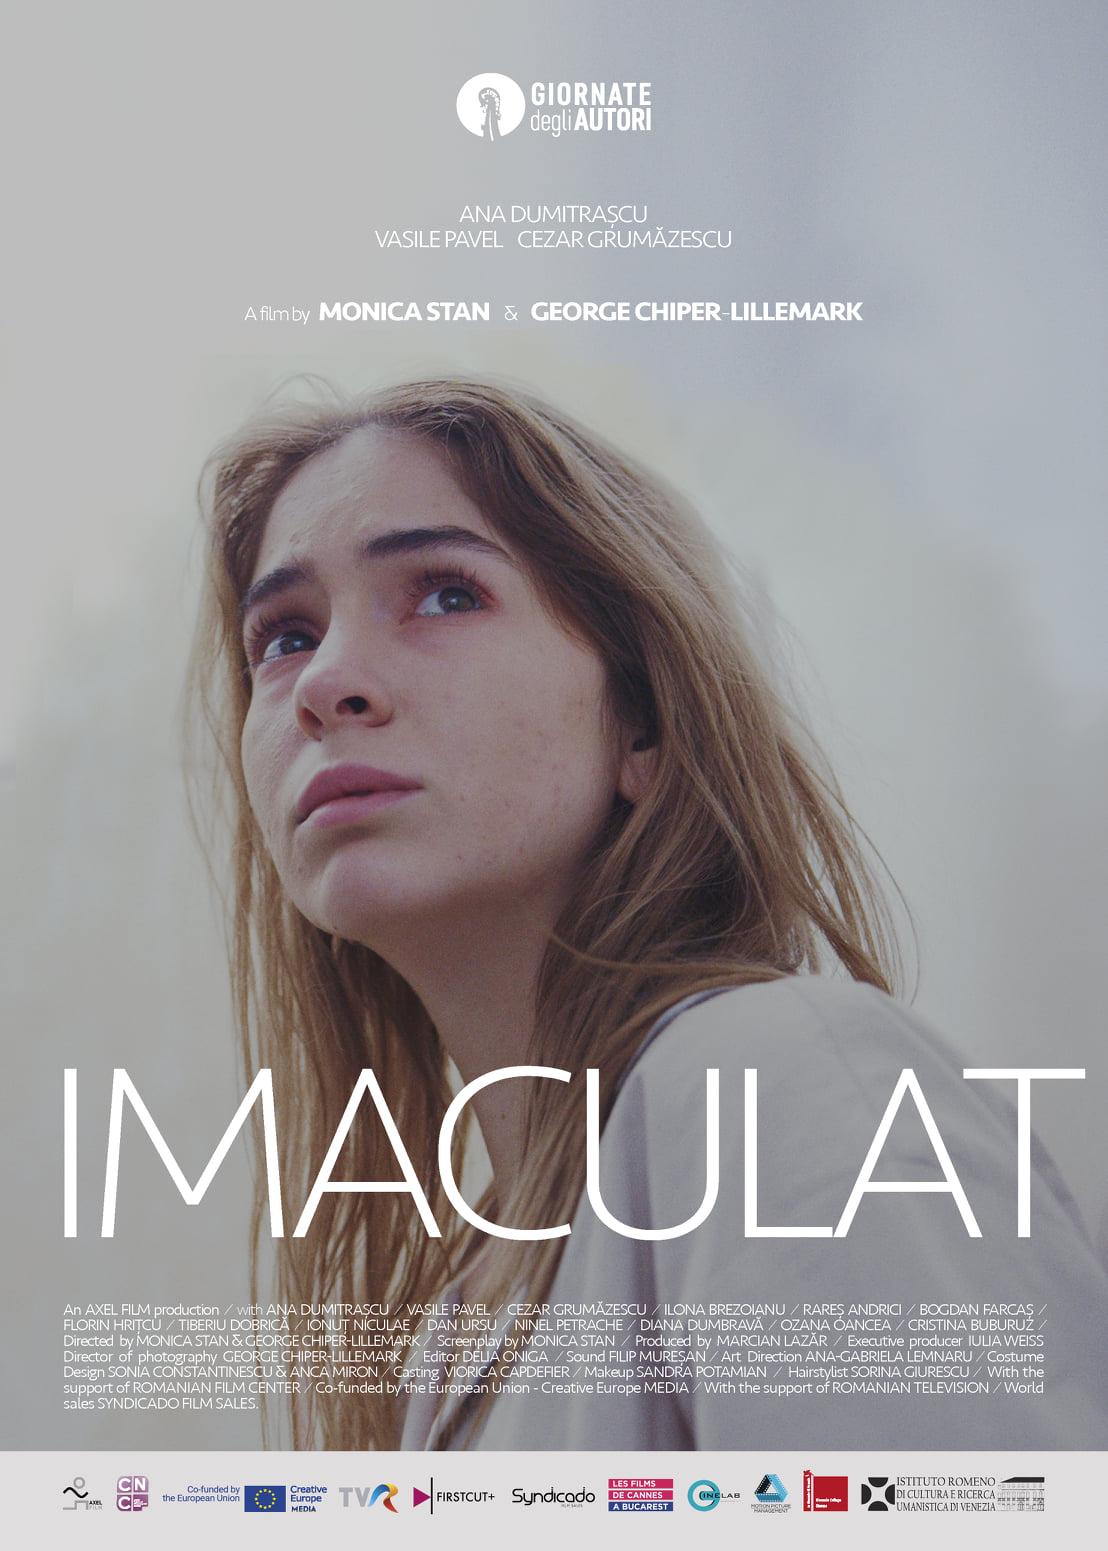 Imaculat (2021) - Photo